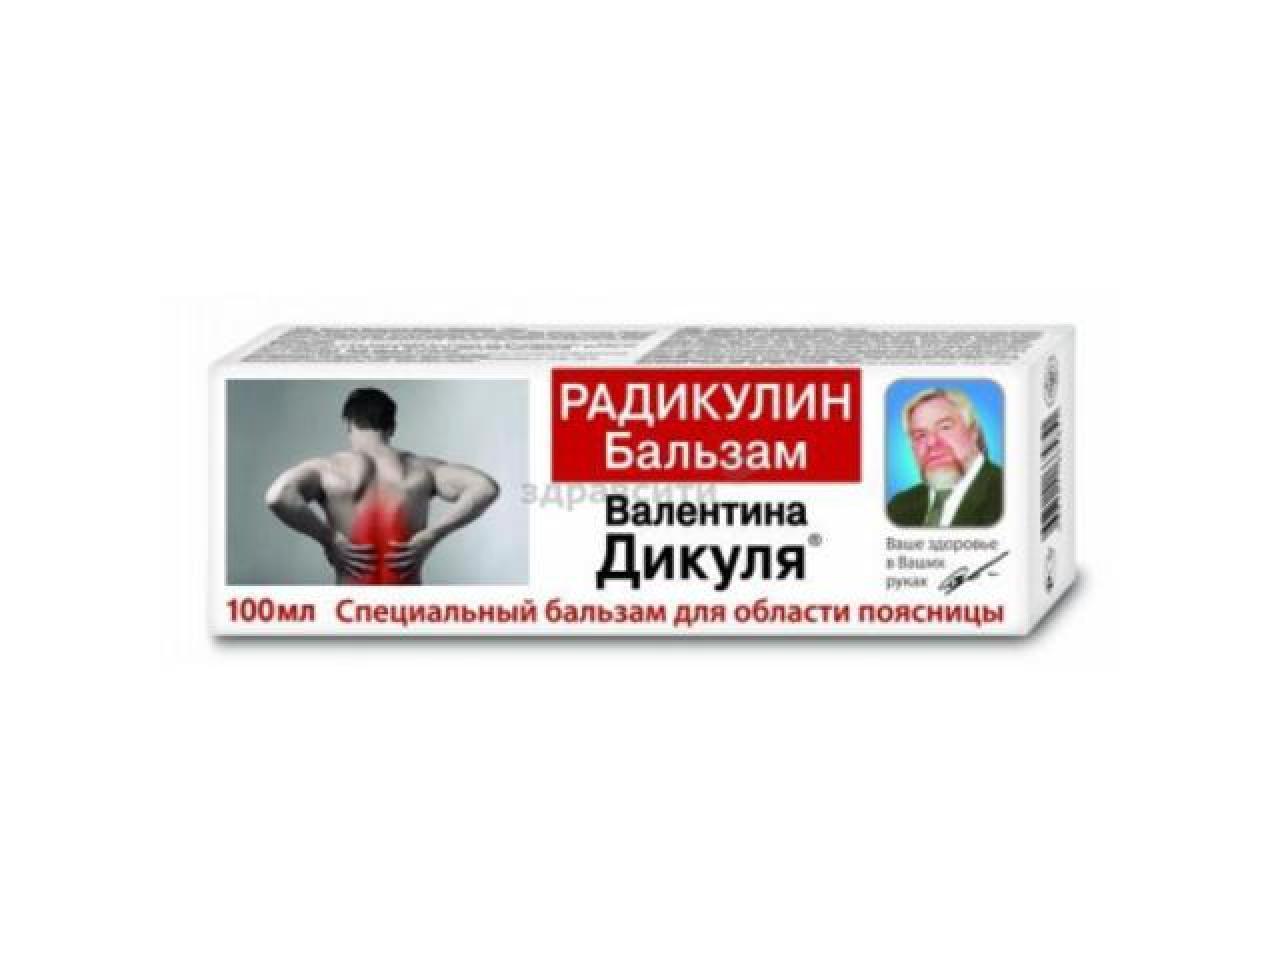 Гель-бальзам Валентина Дикуля радикулин 100мл - 1